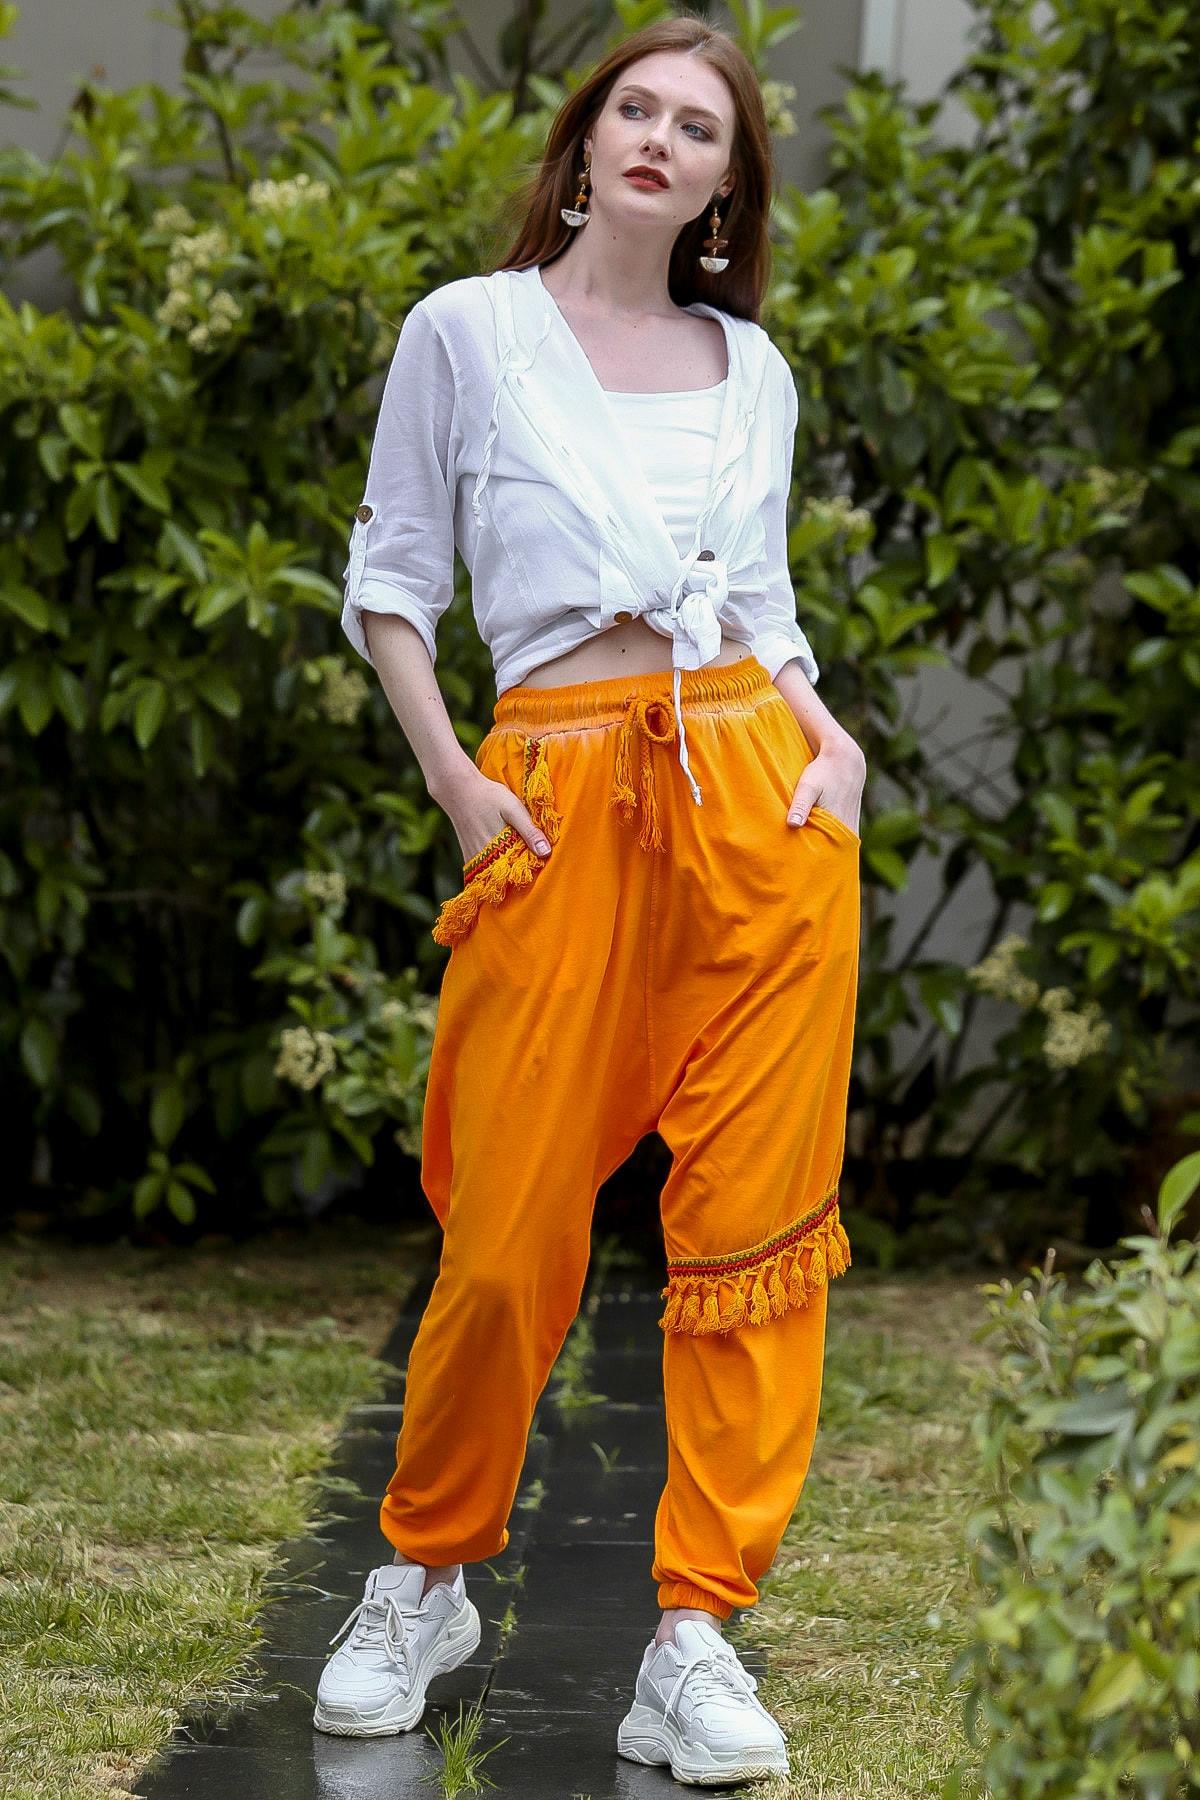 Chiccy Kadın Turuncu Cebi Ve Diz Altı Püskül Detaylı Lastikli Yıkamalı Şalvar Pantolon C10060000PN98801